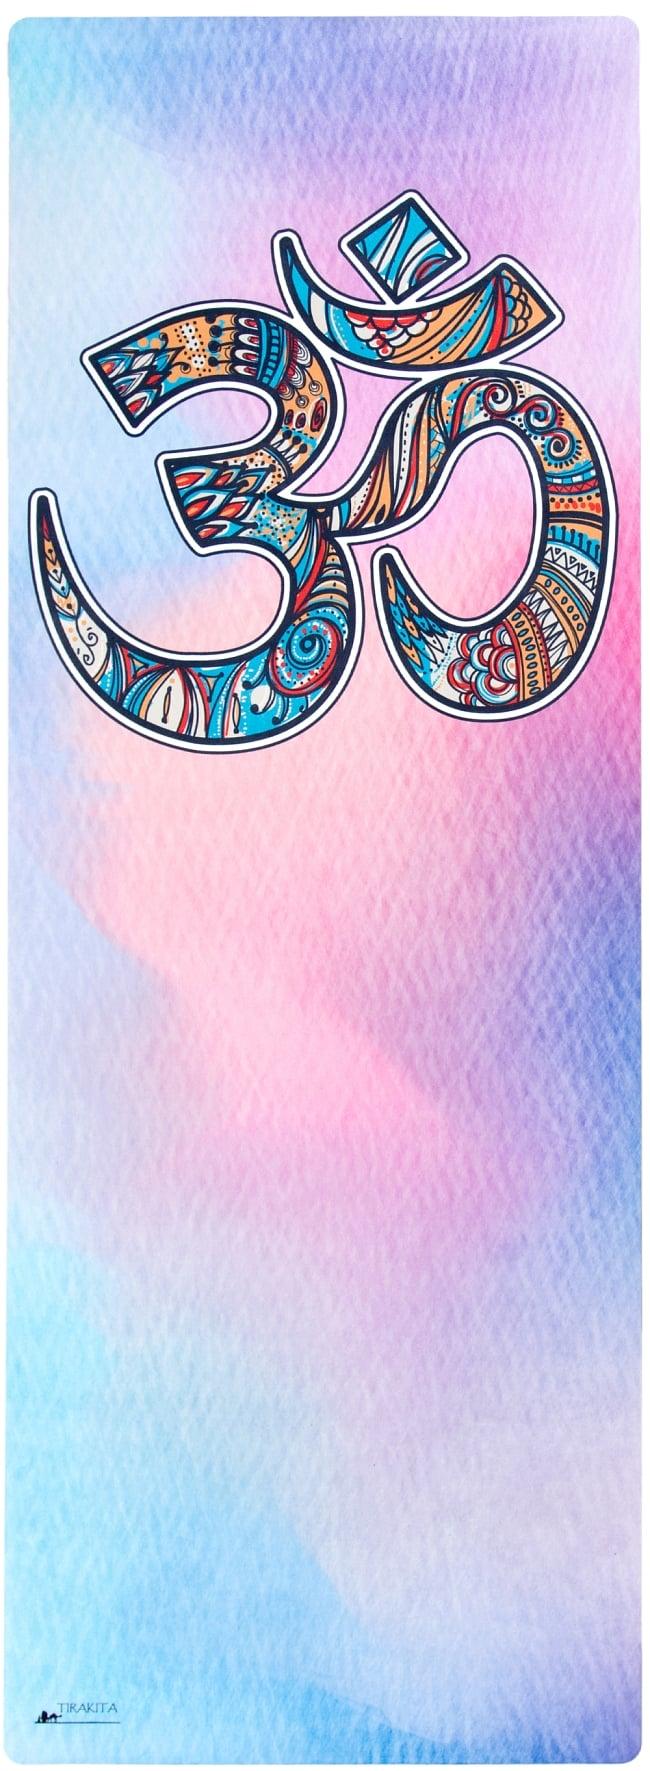 (天然ゴム)高品質エスニックヨガマット4mm - OMシンボル 2 - エスニックなデザインが上品で可愛らしいです!